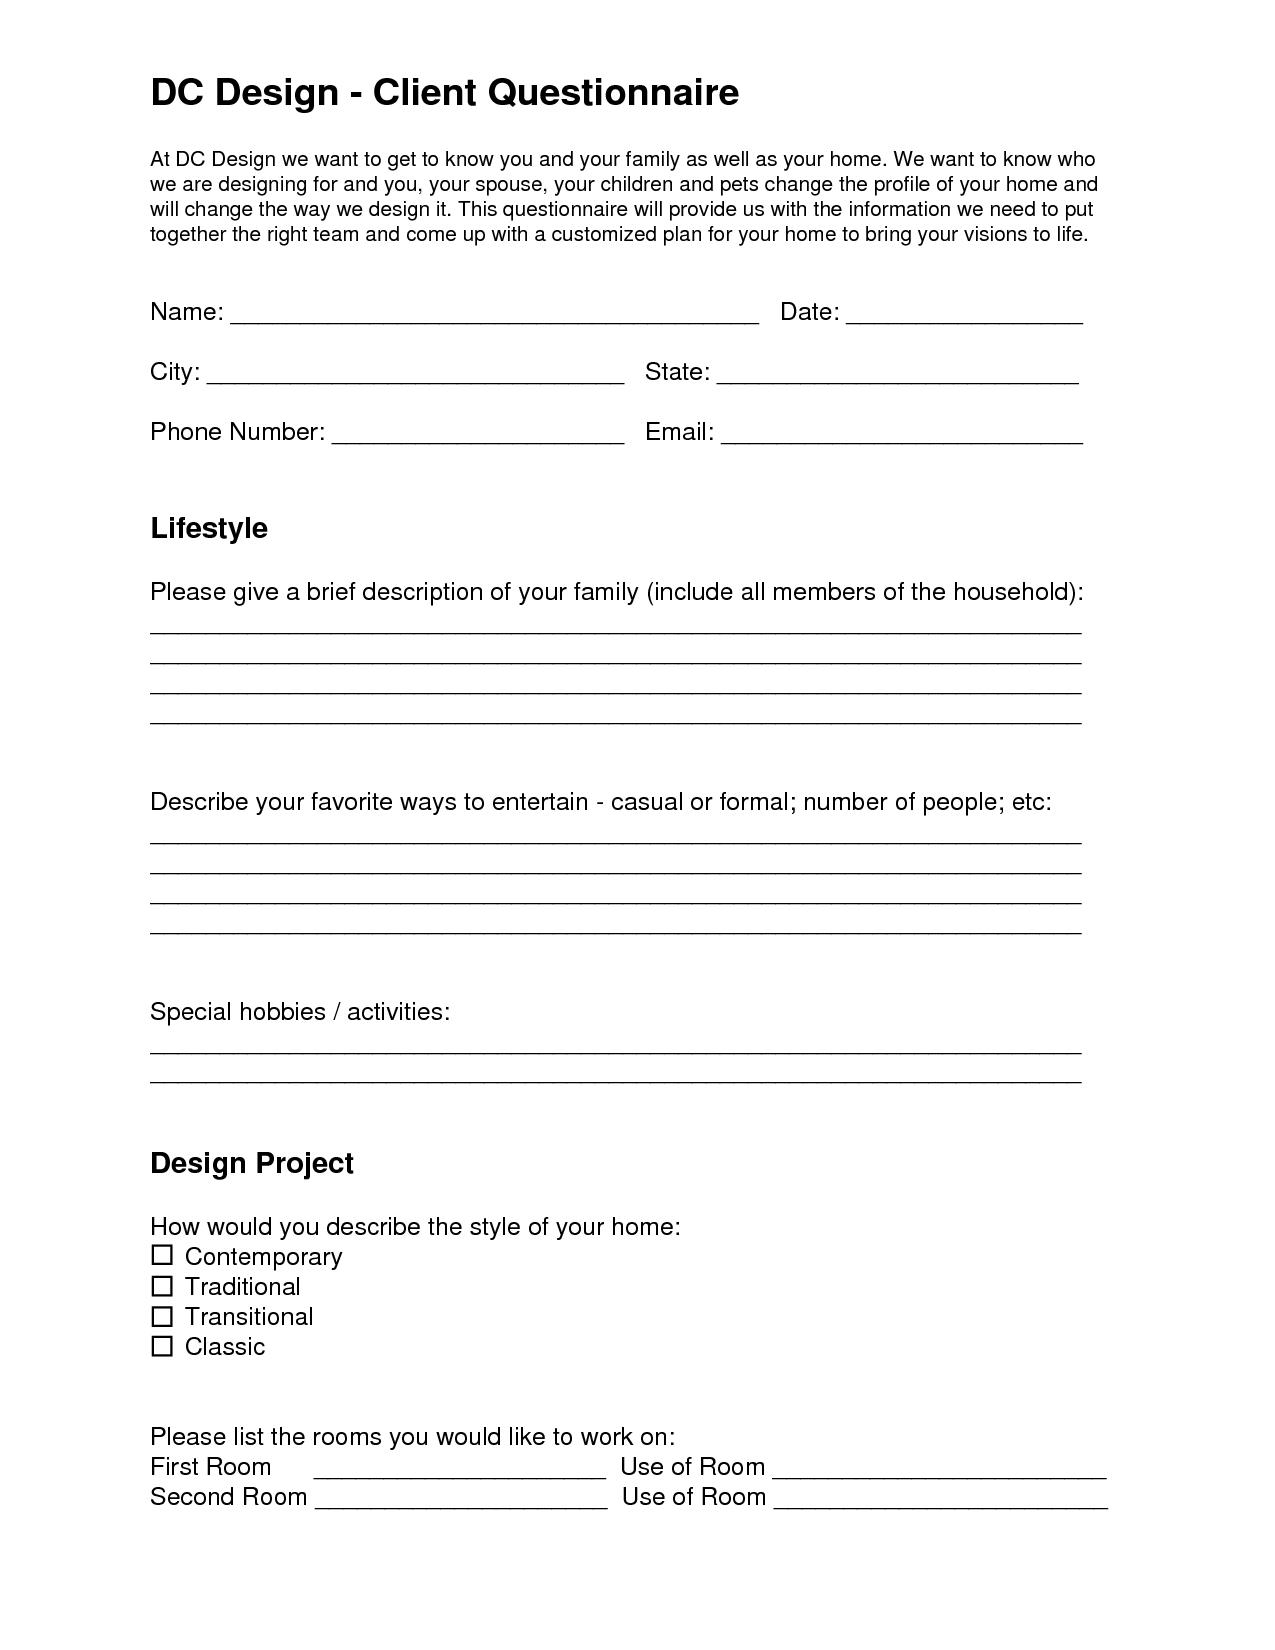 dc design - client questionnaire | eleven one interiors | pinterest